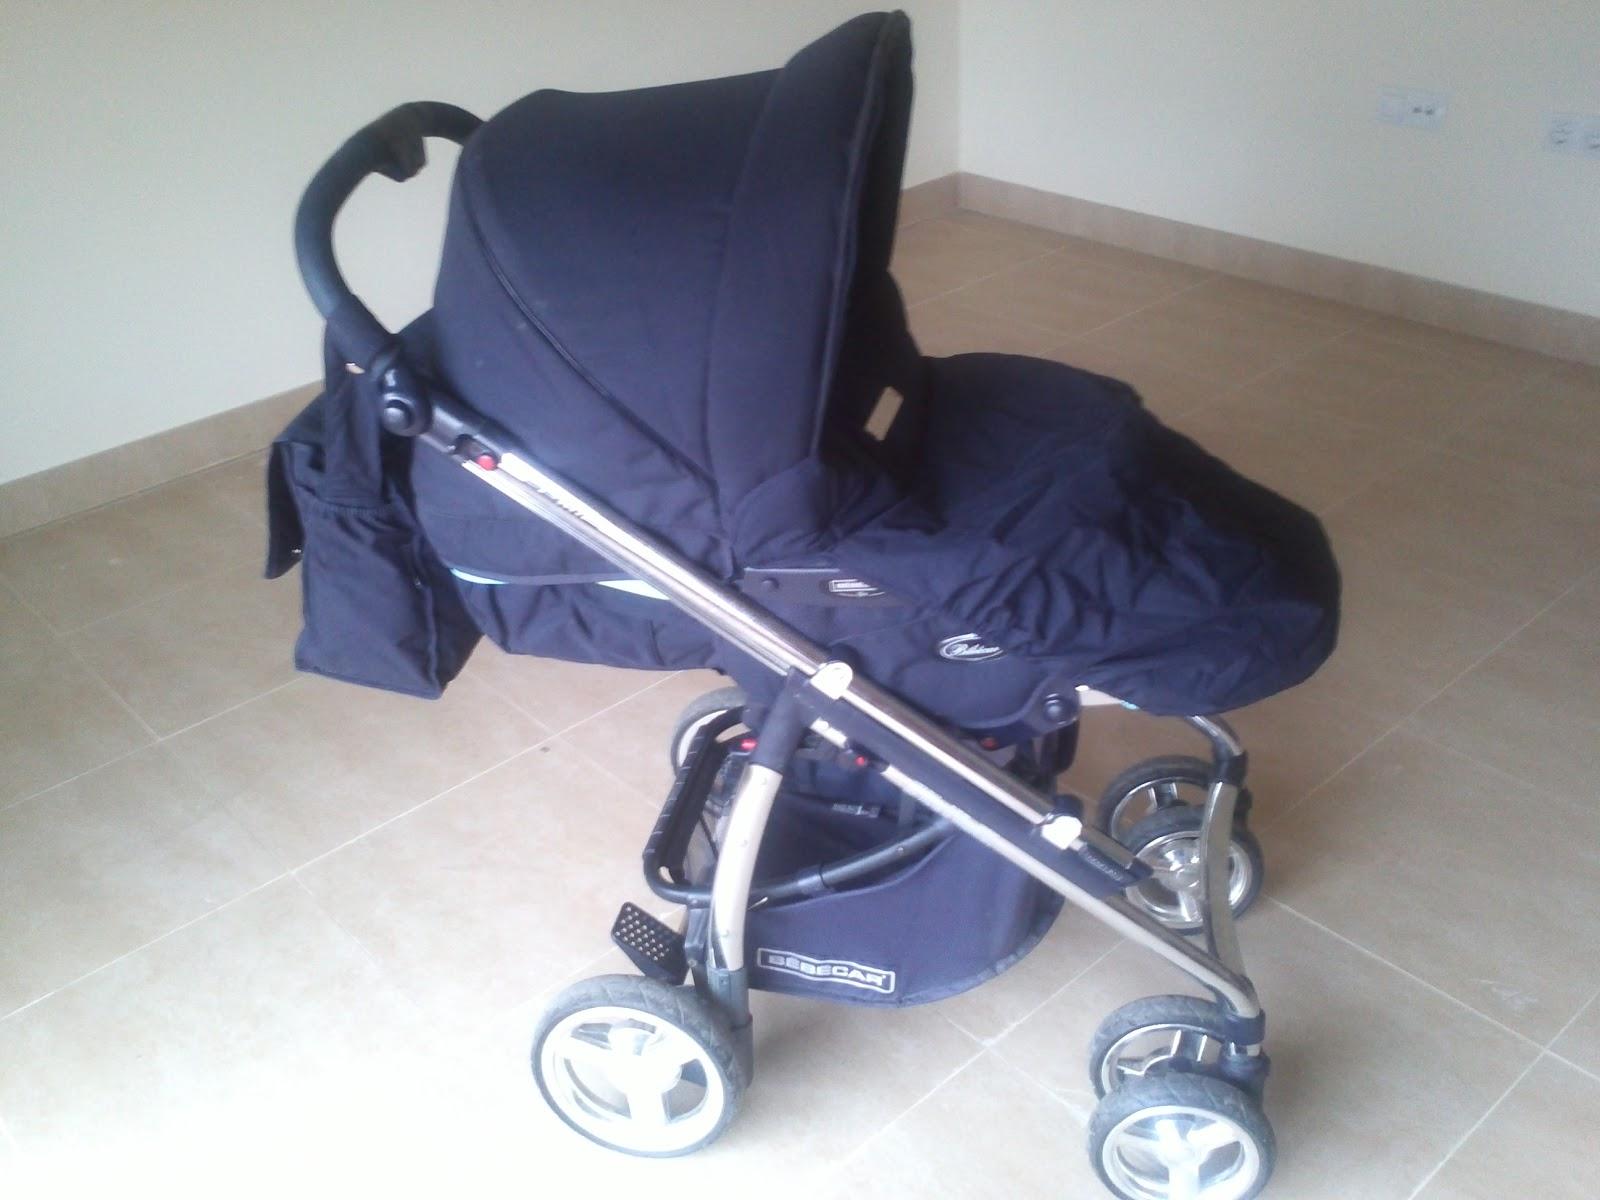 Segunda mano como nuevo silla de paseo bebecar modelo prime color azul marino impermeable con - Sillas de bebe de segunda mano ...